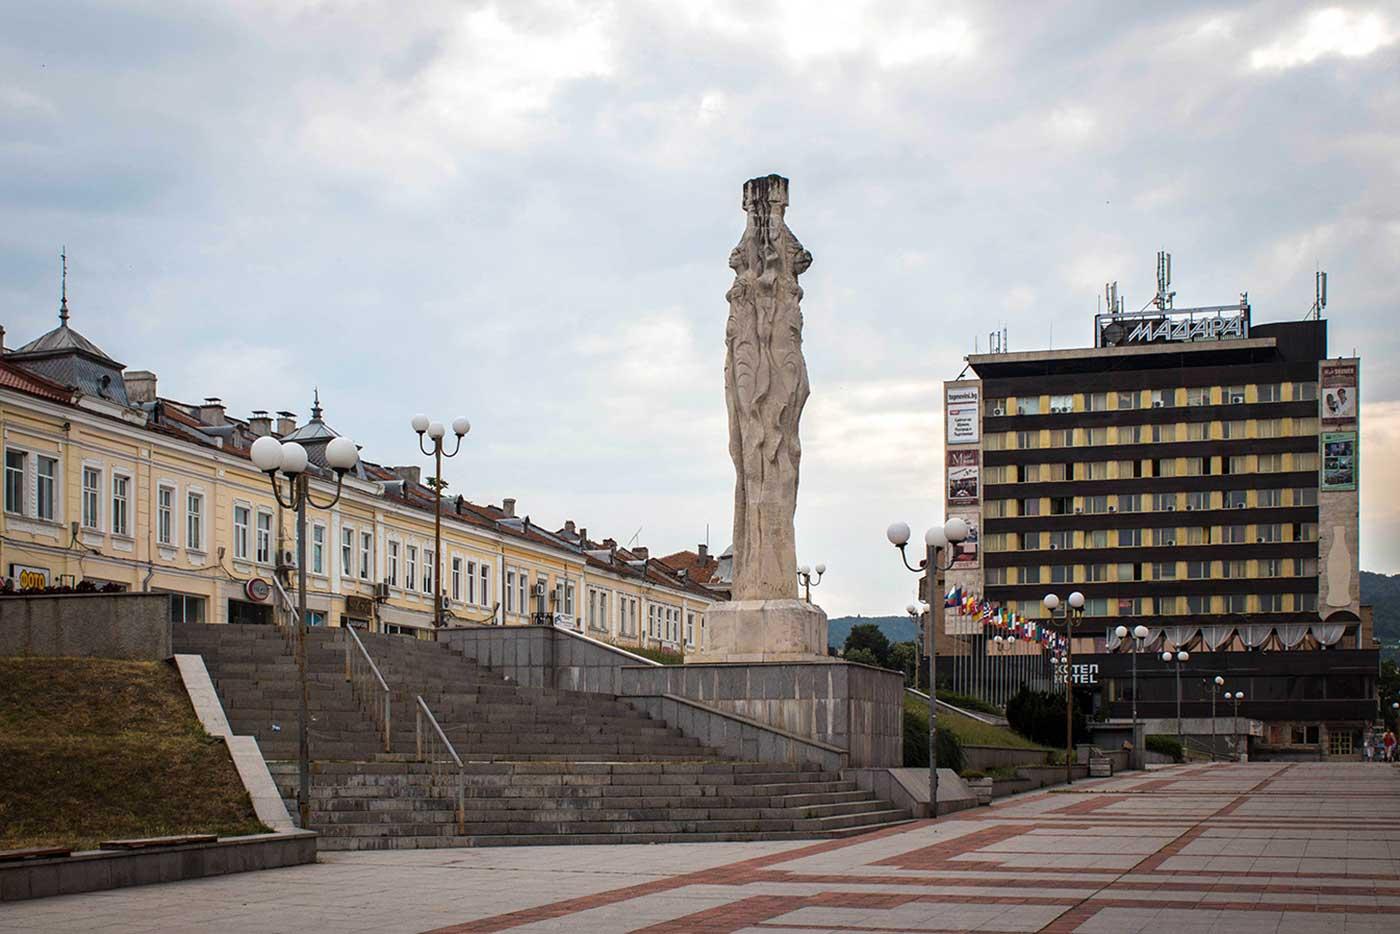 Hotel Madara, Ozvobozhdenie Square, Shumen, Bulgaria.